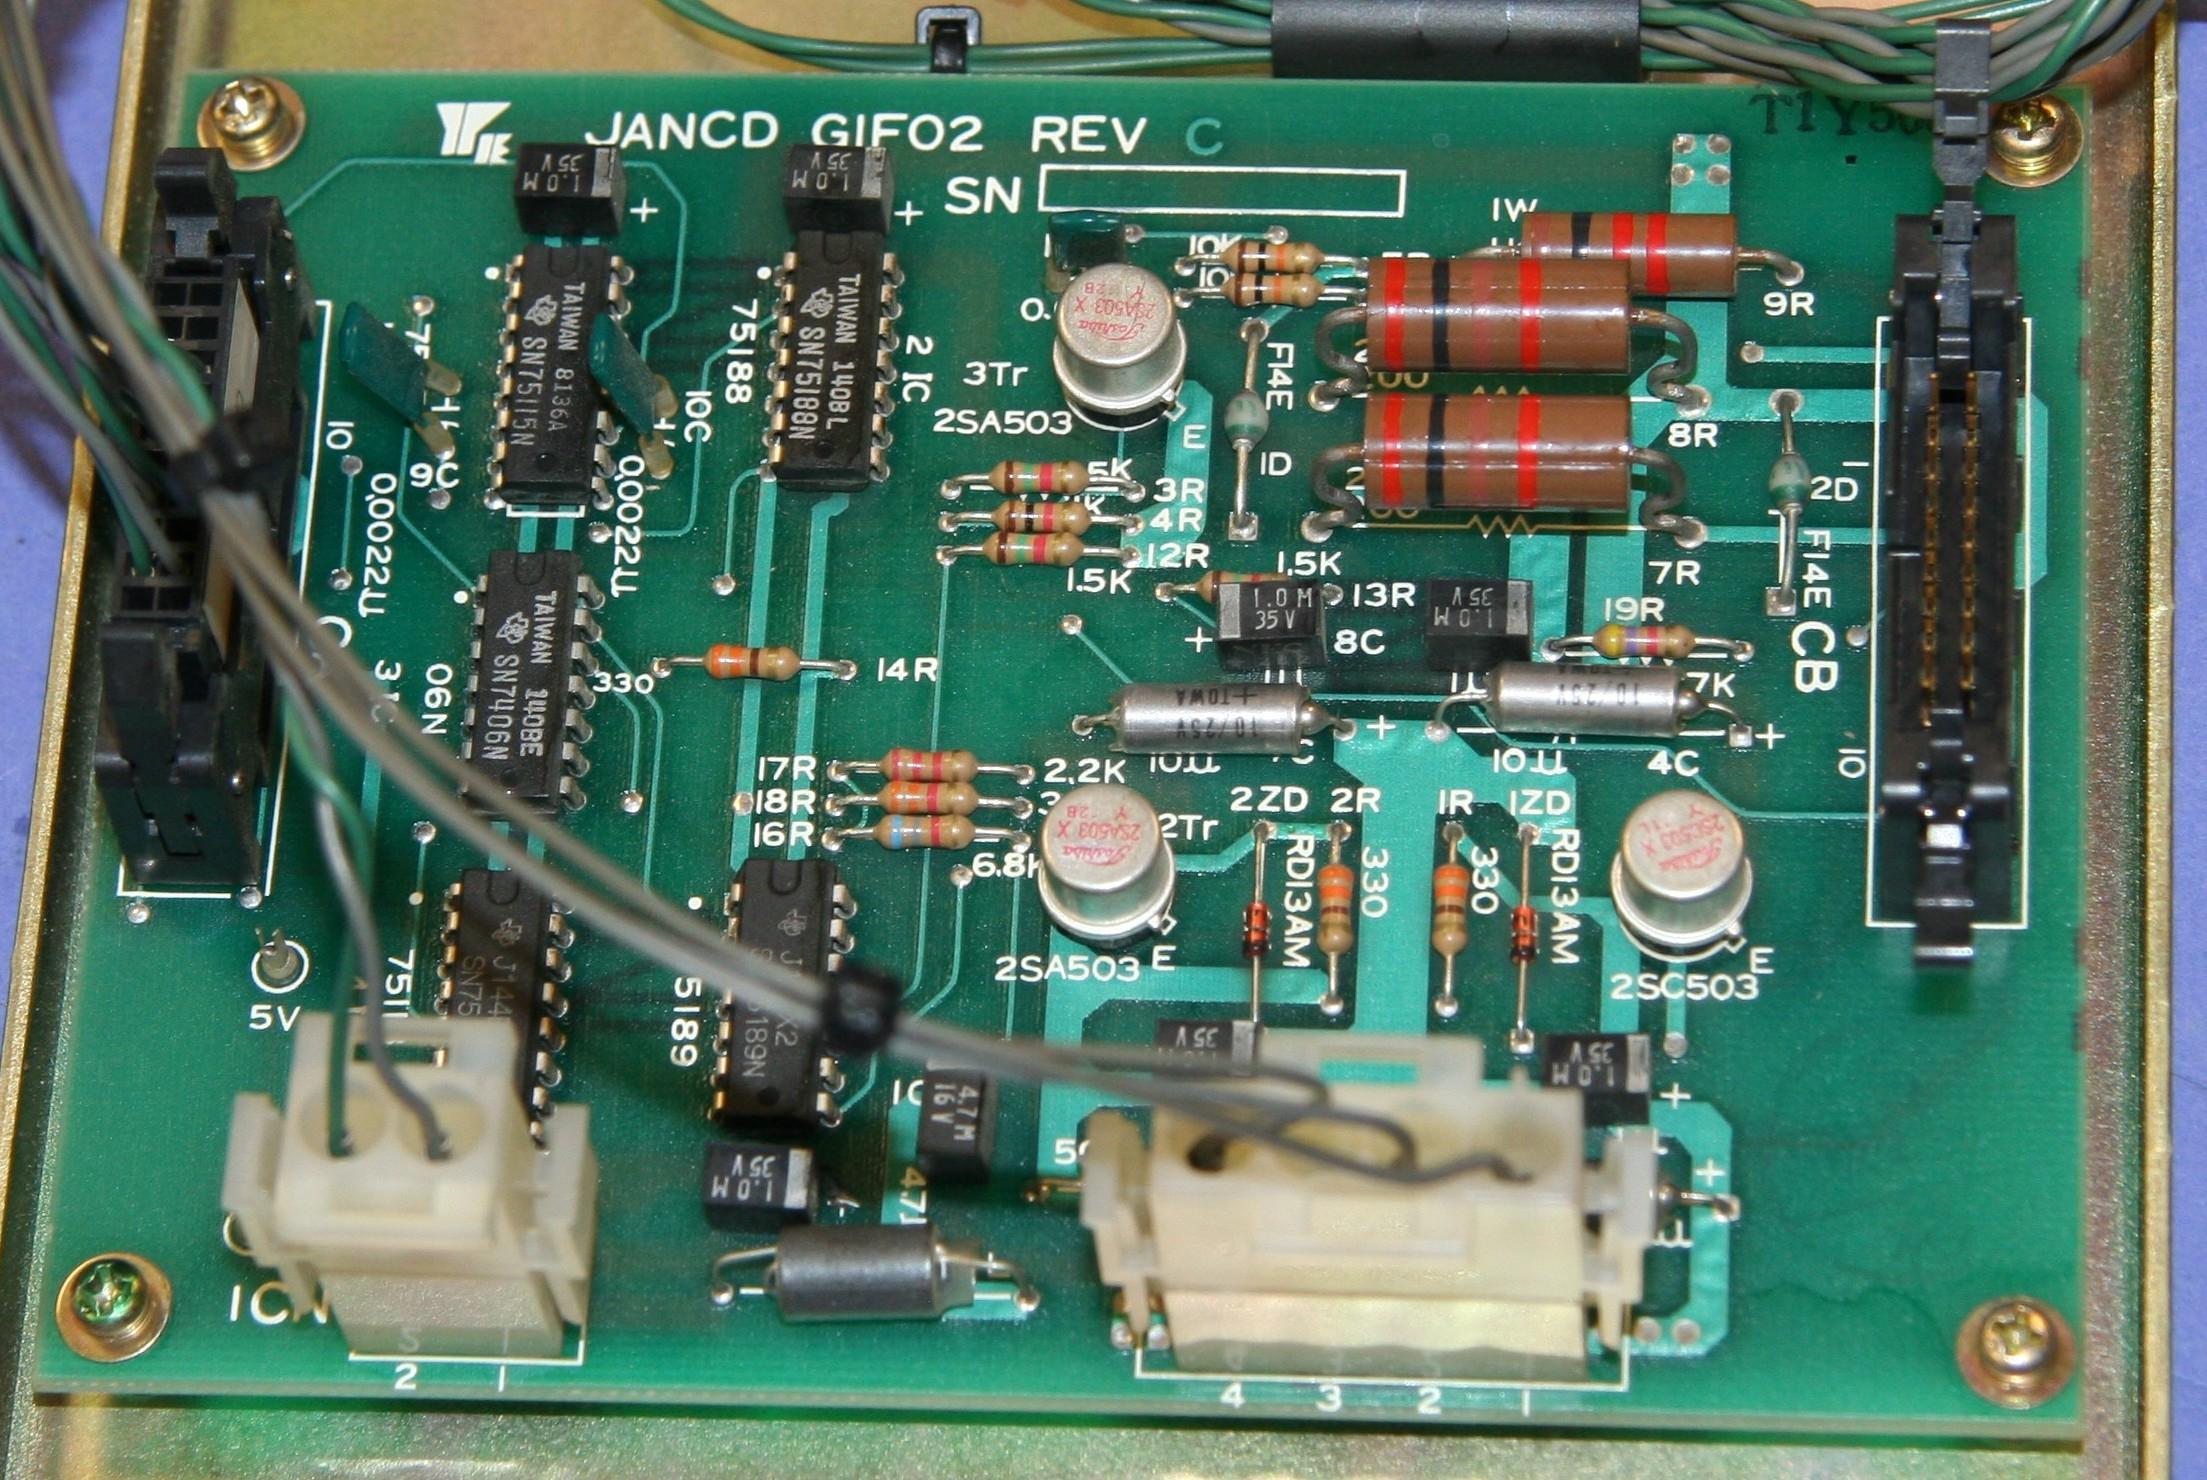 (1) Used Yaskawa JANCD-GIF02 Circuit Board 9808